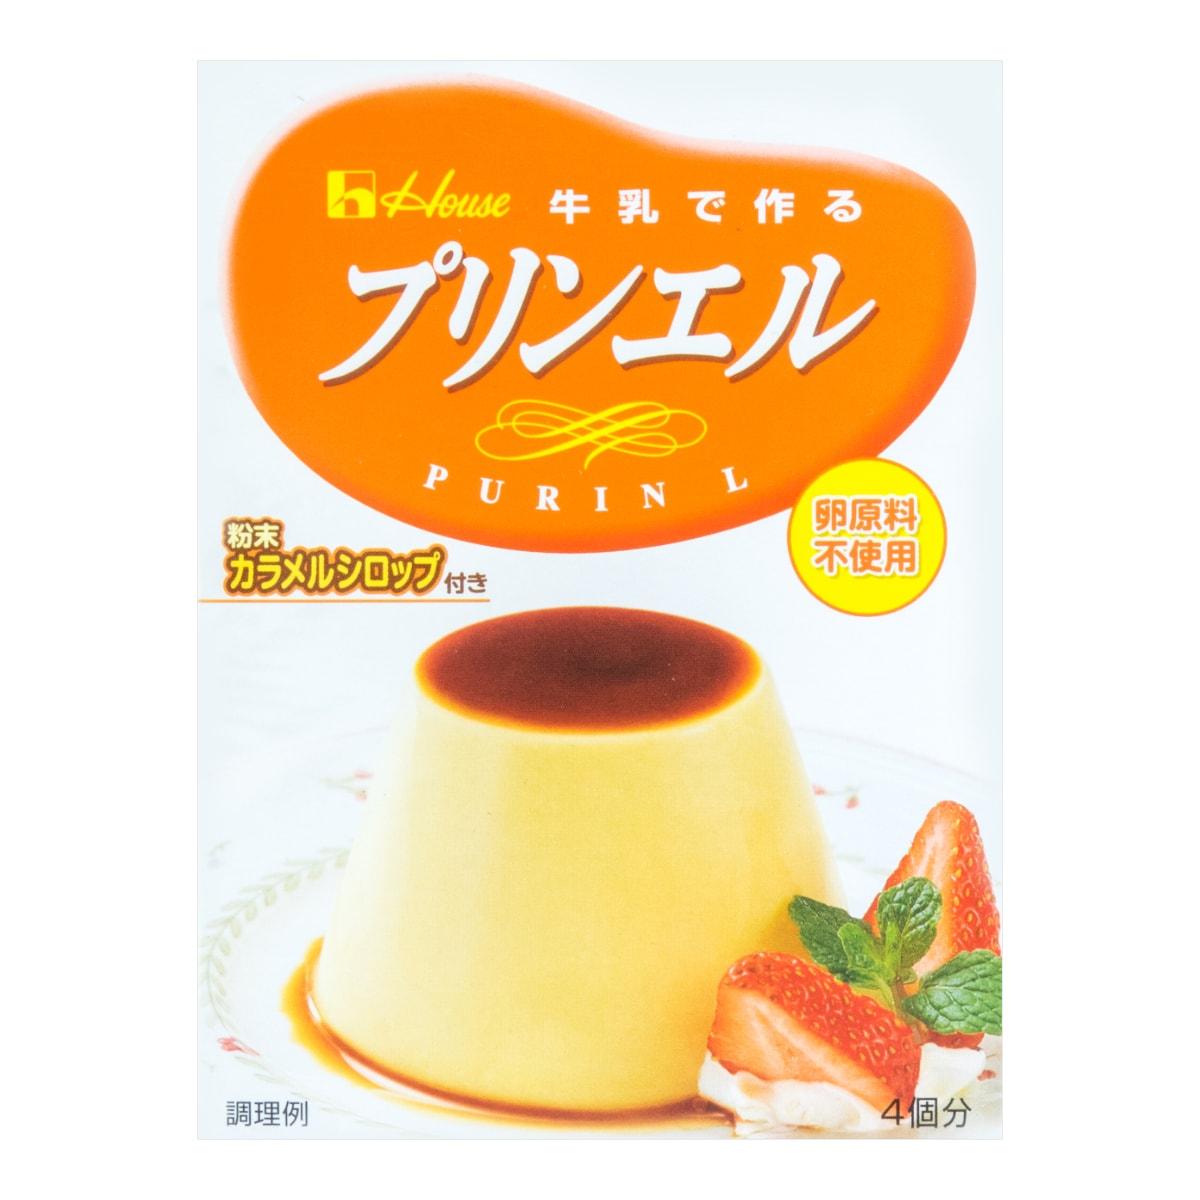 日本HOUSE DIY牛奶焦糖布丁粉 牛奶味 4份装 60g